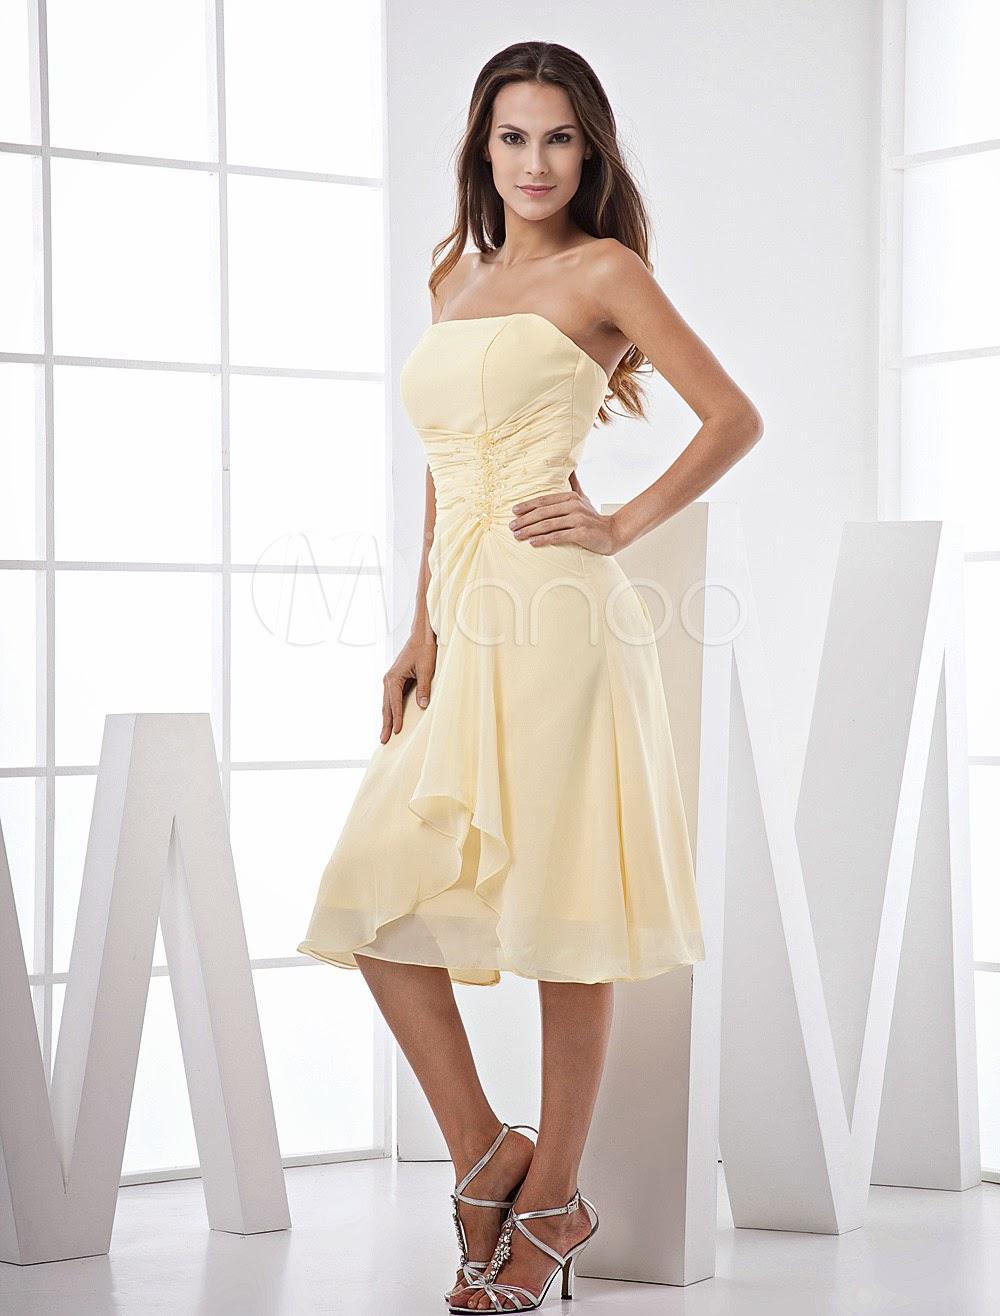 Robes sexy - Robe demoiselle d'honneur A-ligne en chiffon jonquille encolure bustier